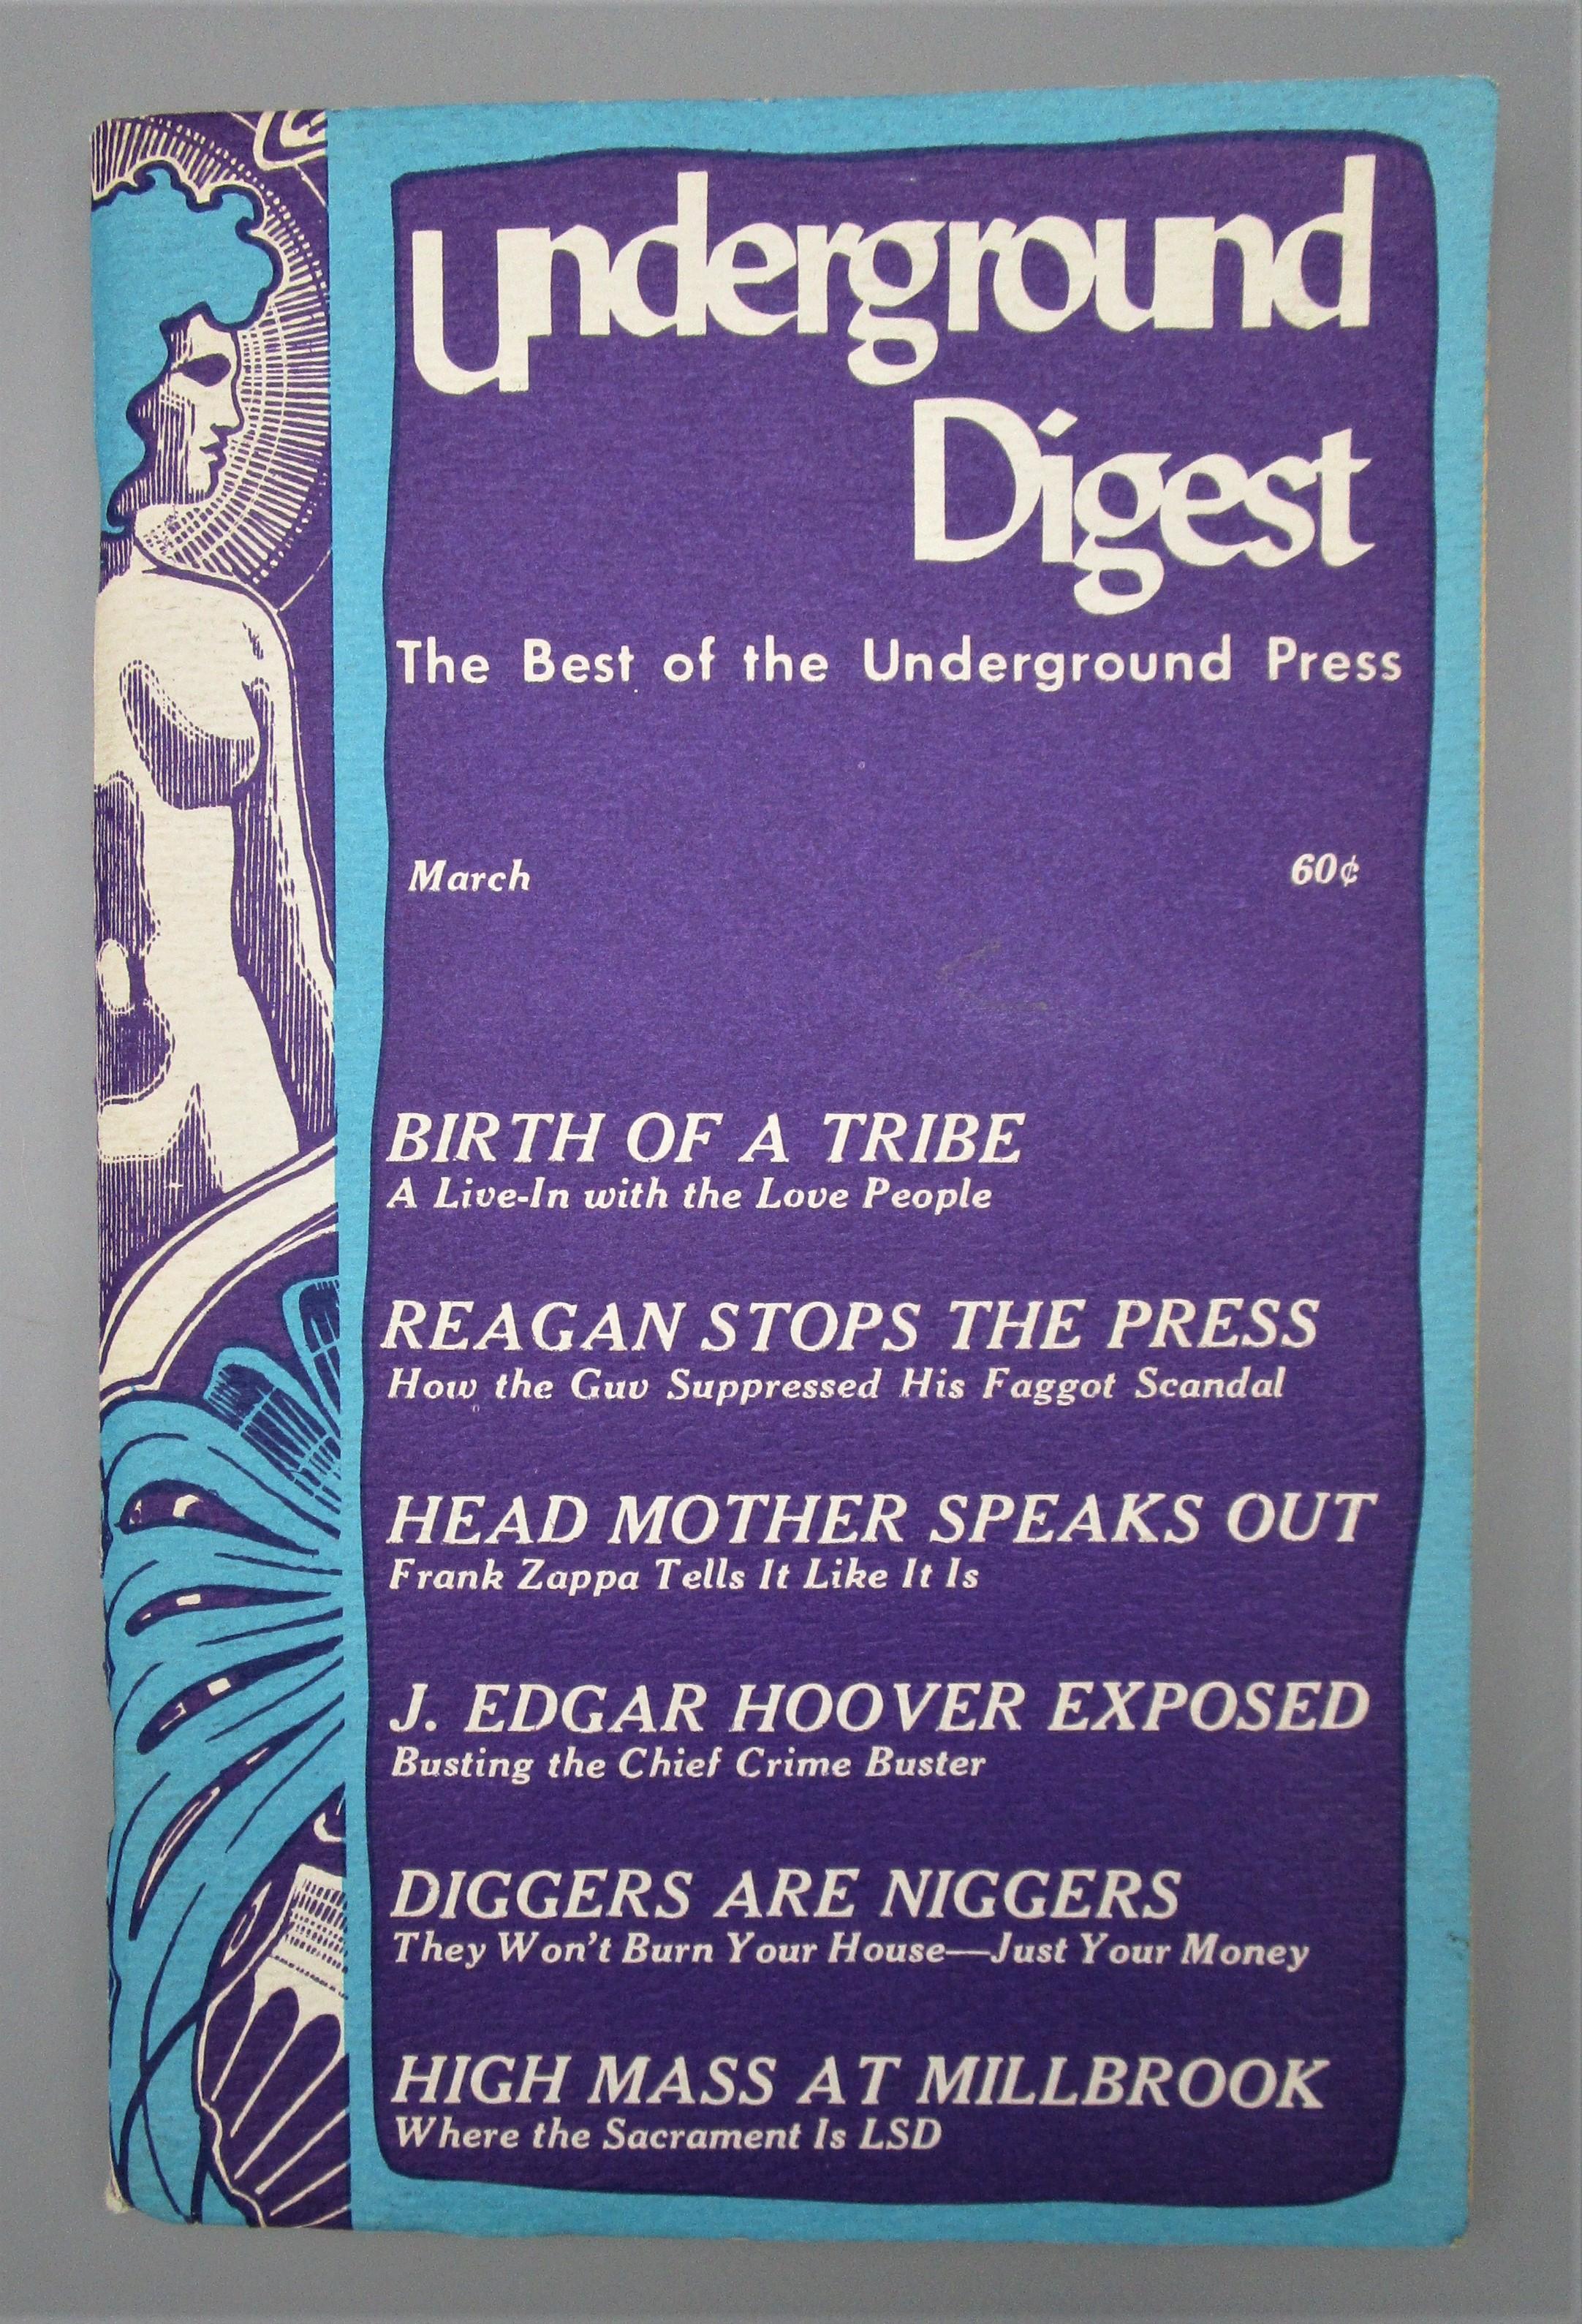 UNDERGROUND DIGEST v.1, #2 March - 1967